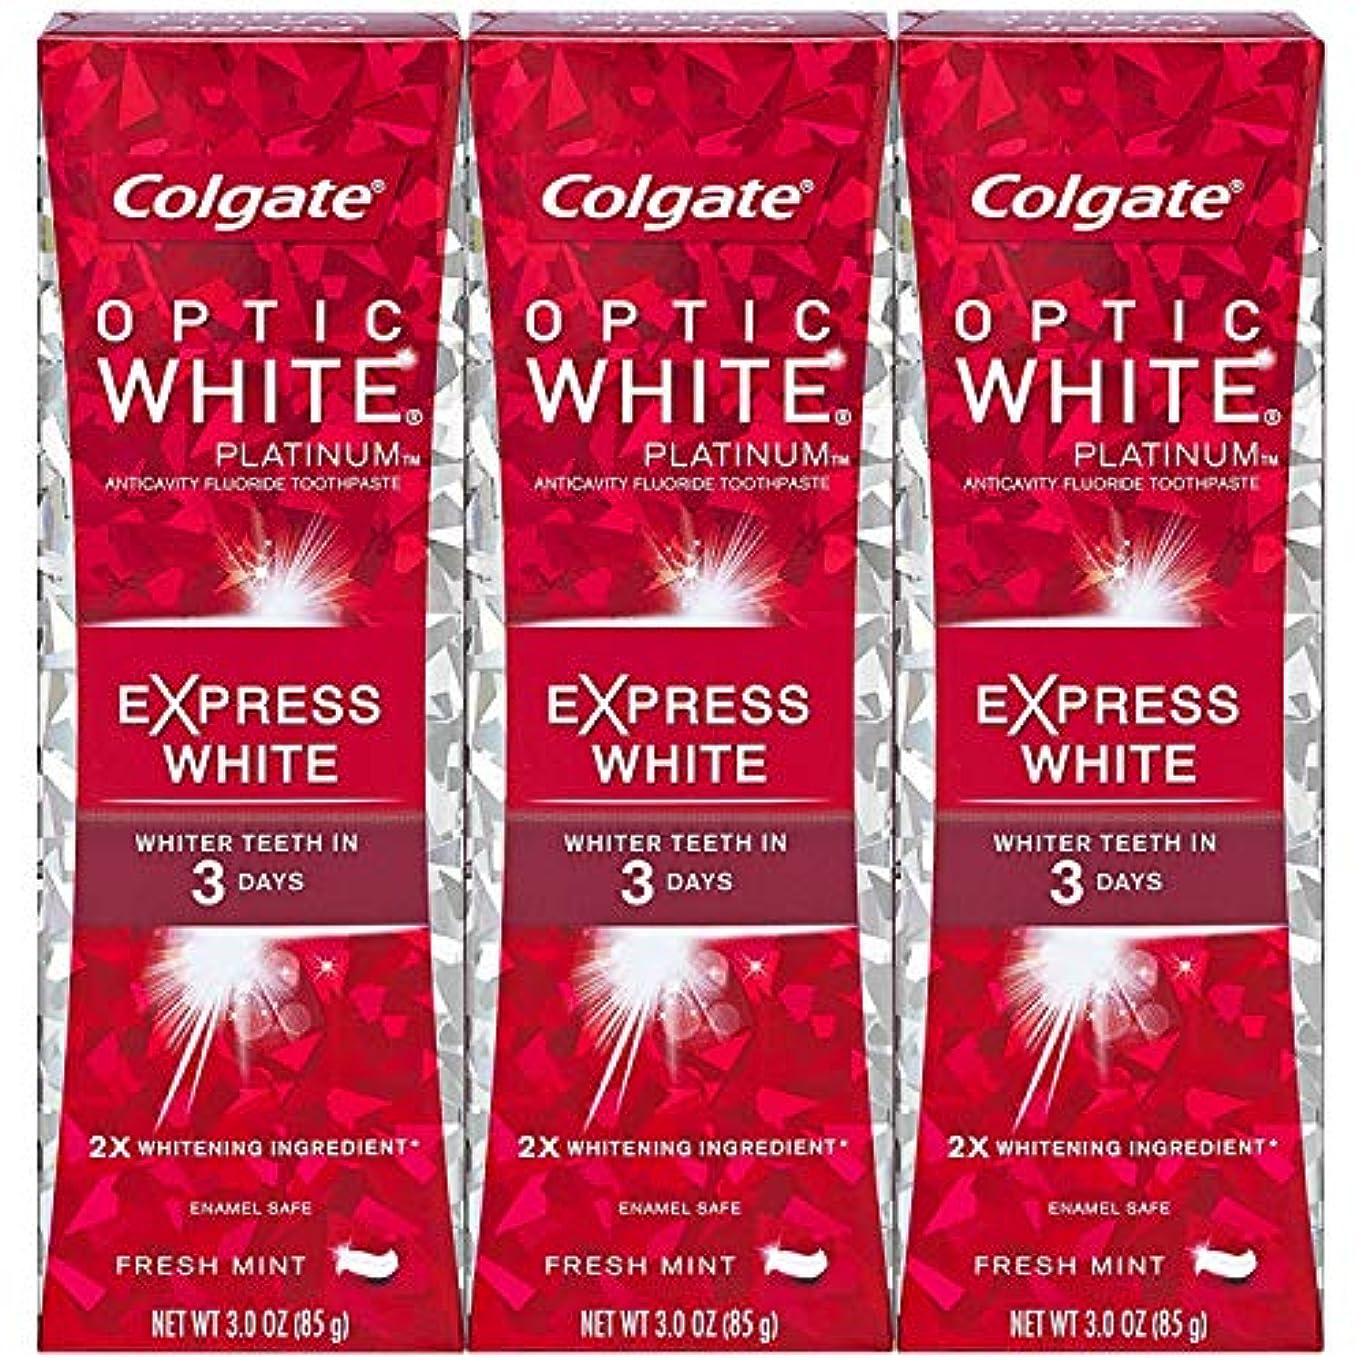 移行変位一時解雇するColgate オプティックホワイトプラチナエクスプレス白の歯磨き粉、フレッシュミント3オズ(3パック)